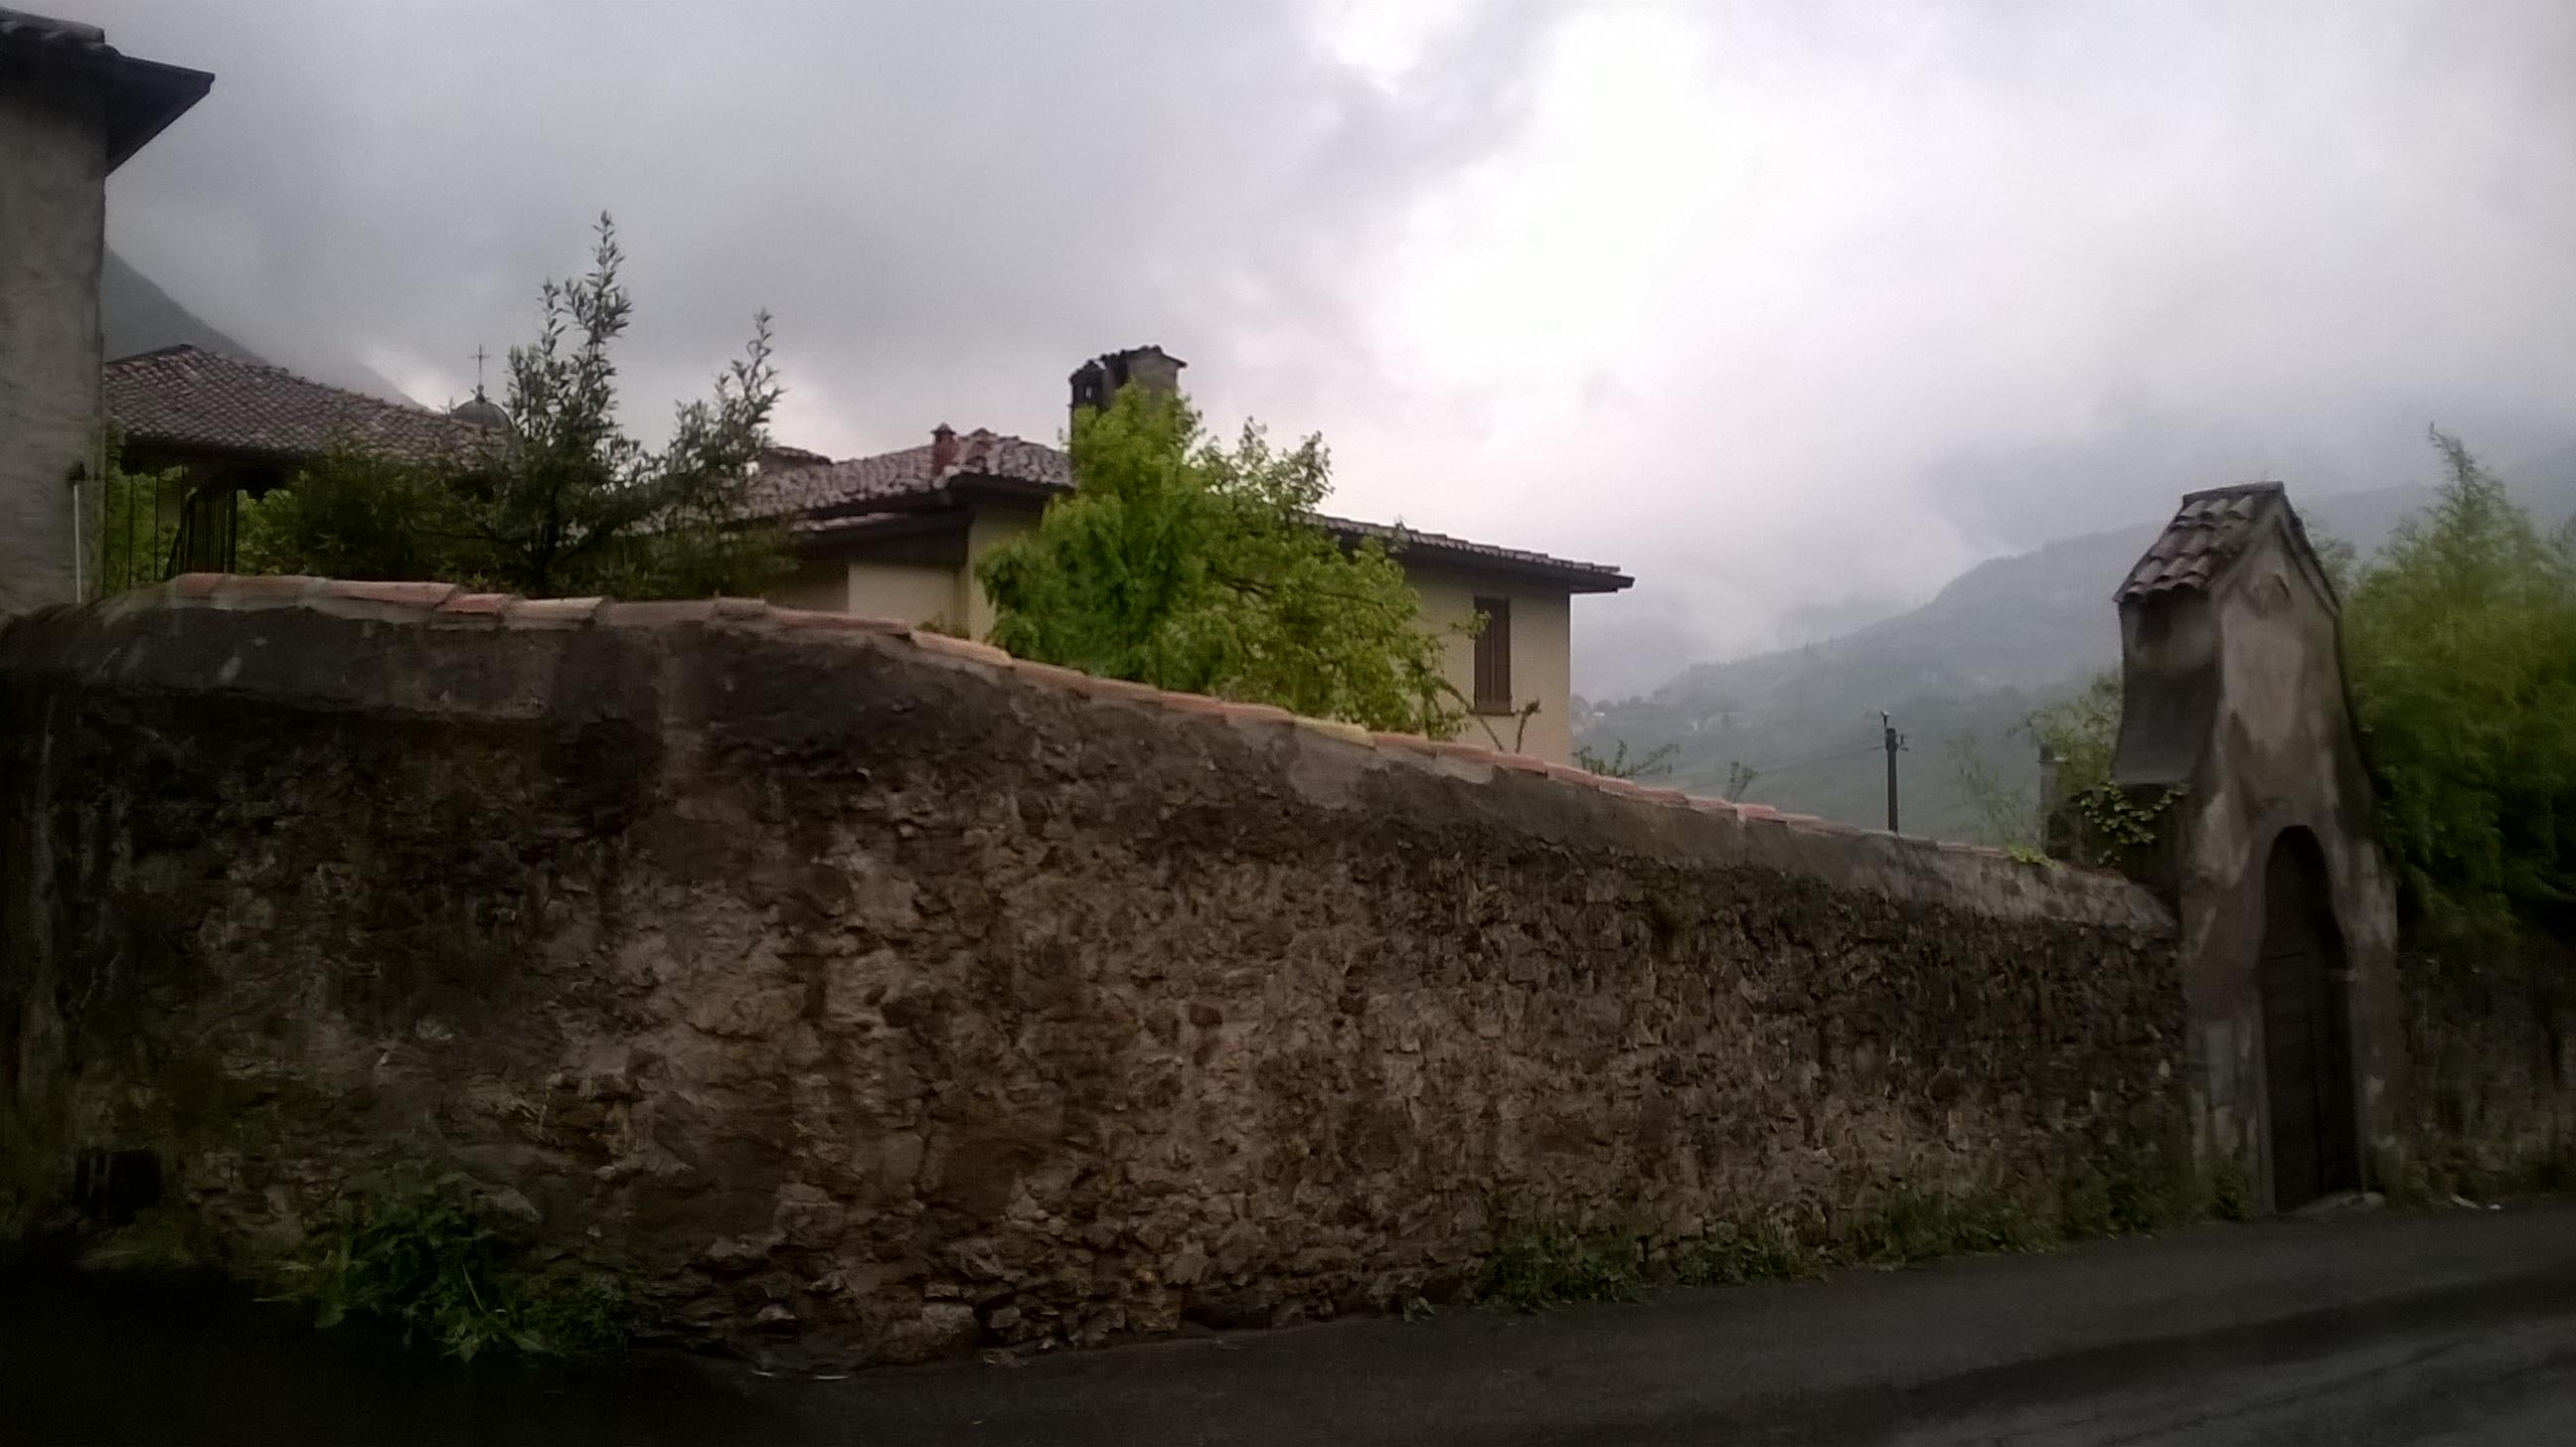 5_visita guidata alla villa Nobili e inaugurazione Mostra Aldo Caprani lunedì 1° maggio 2017 (1)